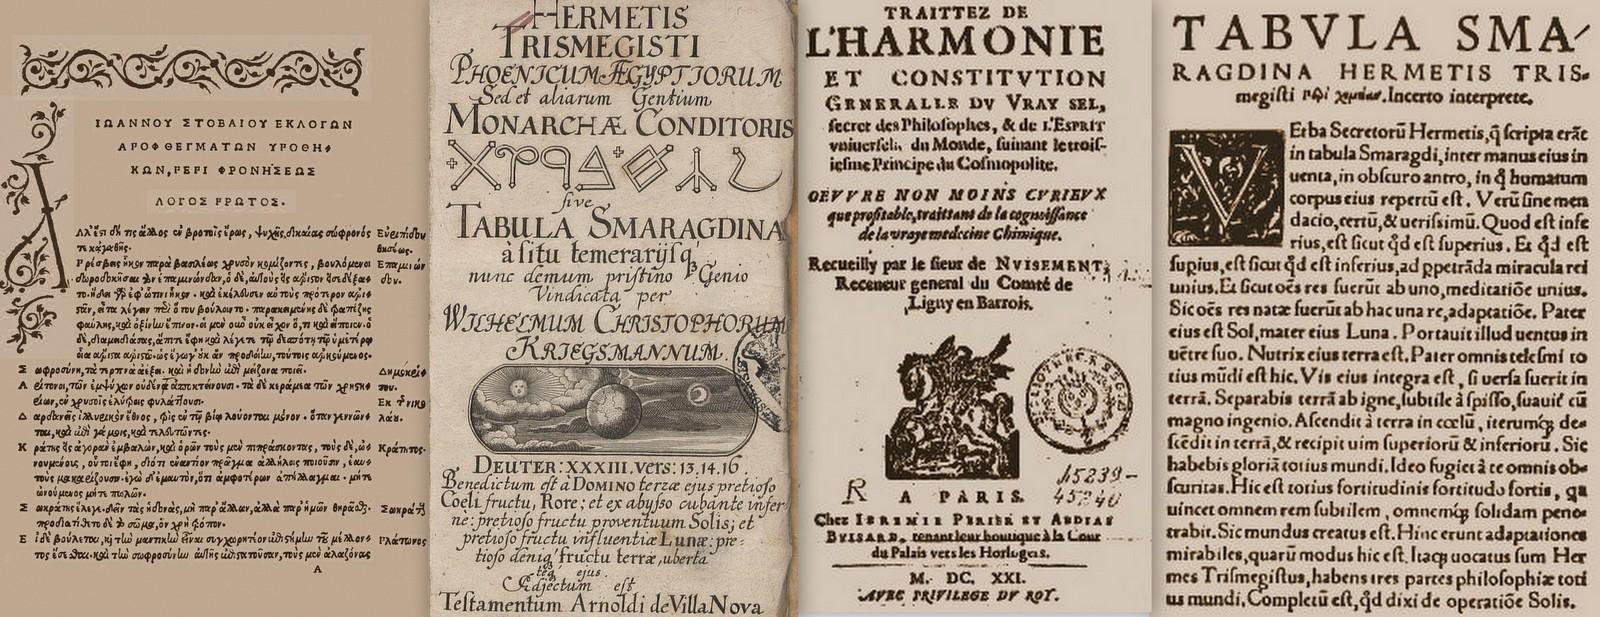 ερμής τρισμέγιστος, 12 σμαραγδένιοι πίνακες, last-century-books-of-smaragdine-tables